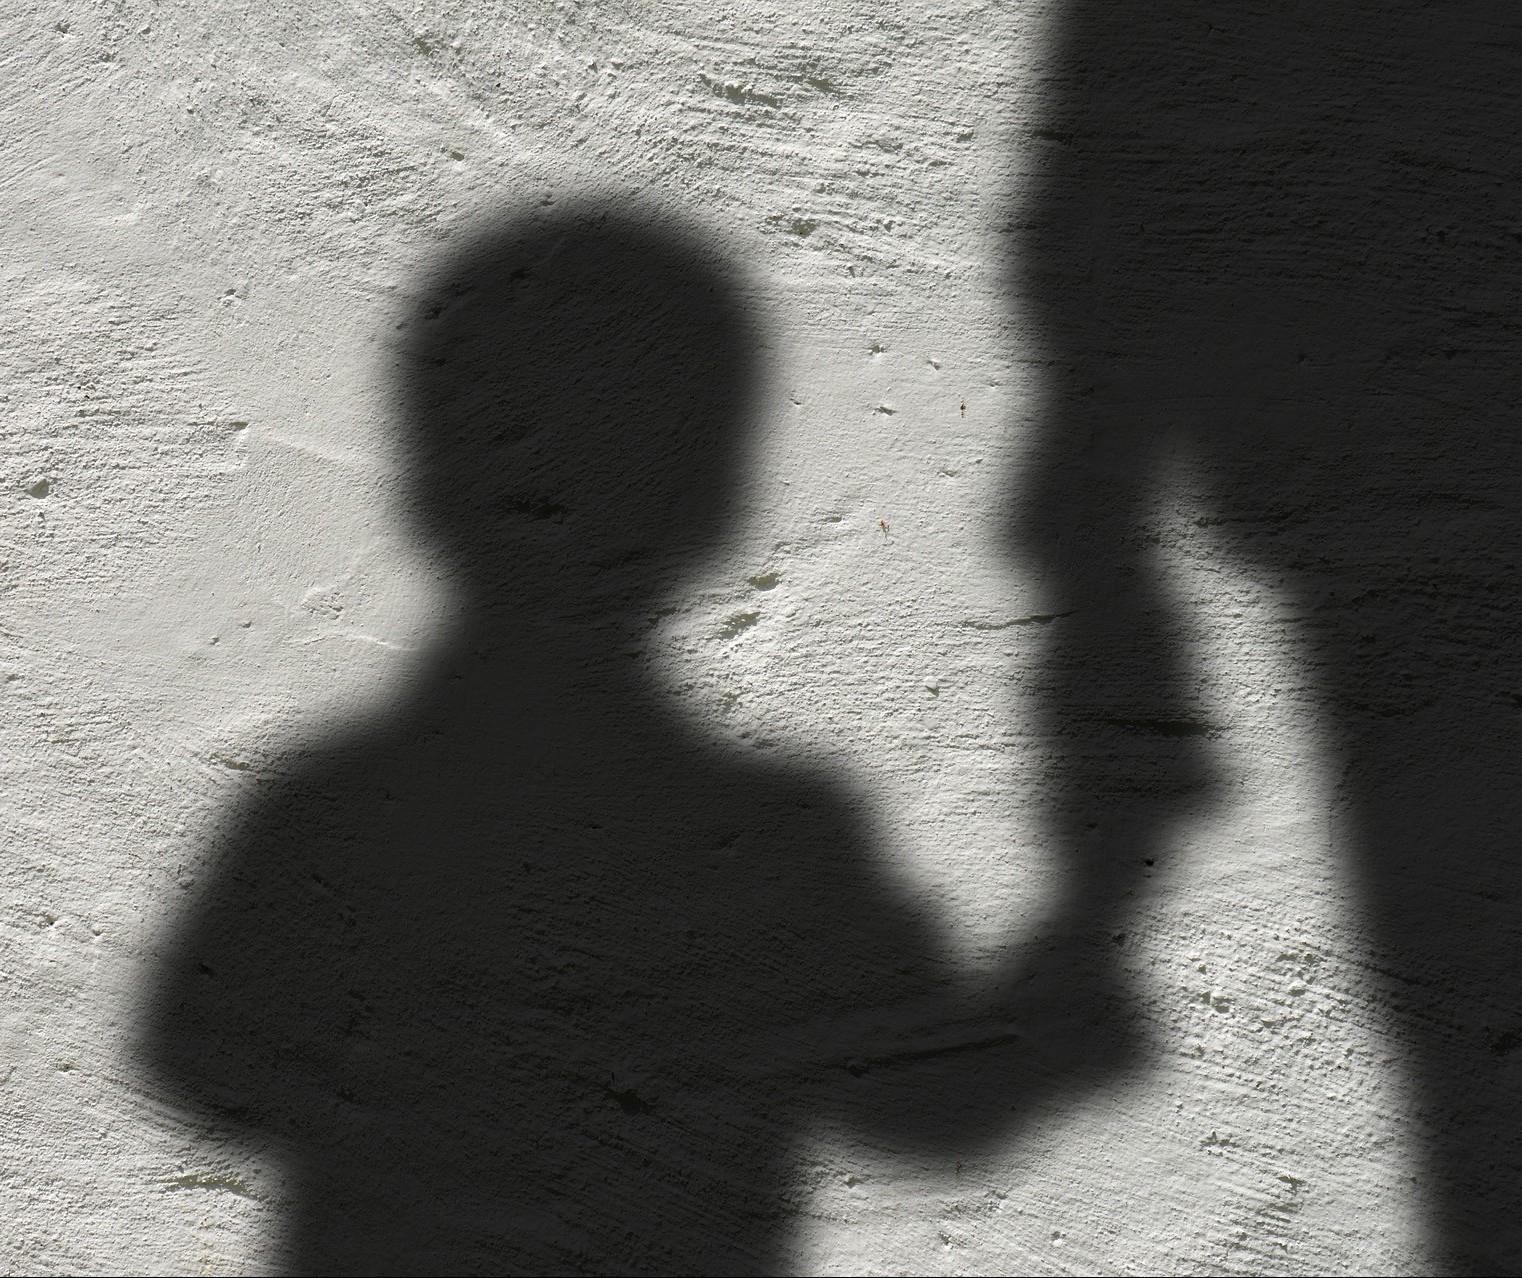 Psicóloga alerta pais: mudança de comportamento pode ser sinal de que a criança está sendo vítima de abuso sexual